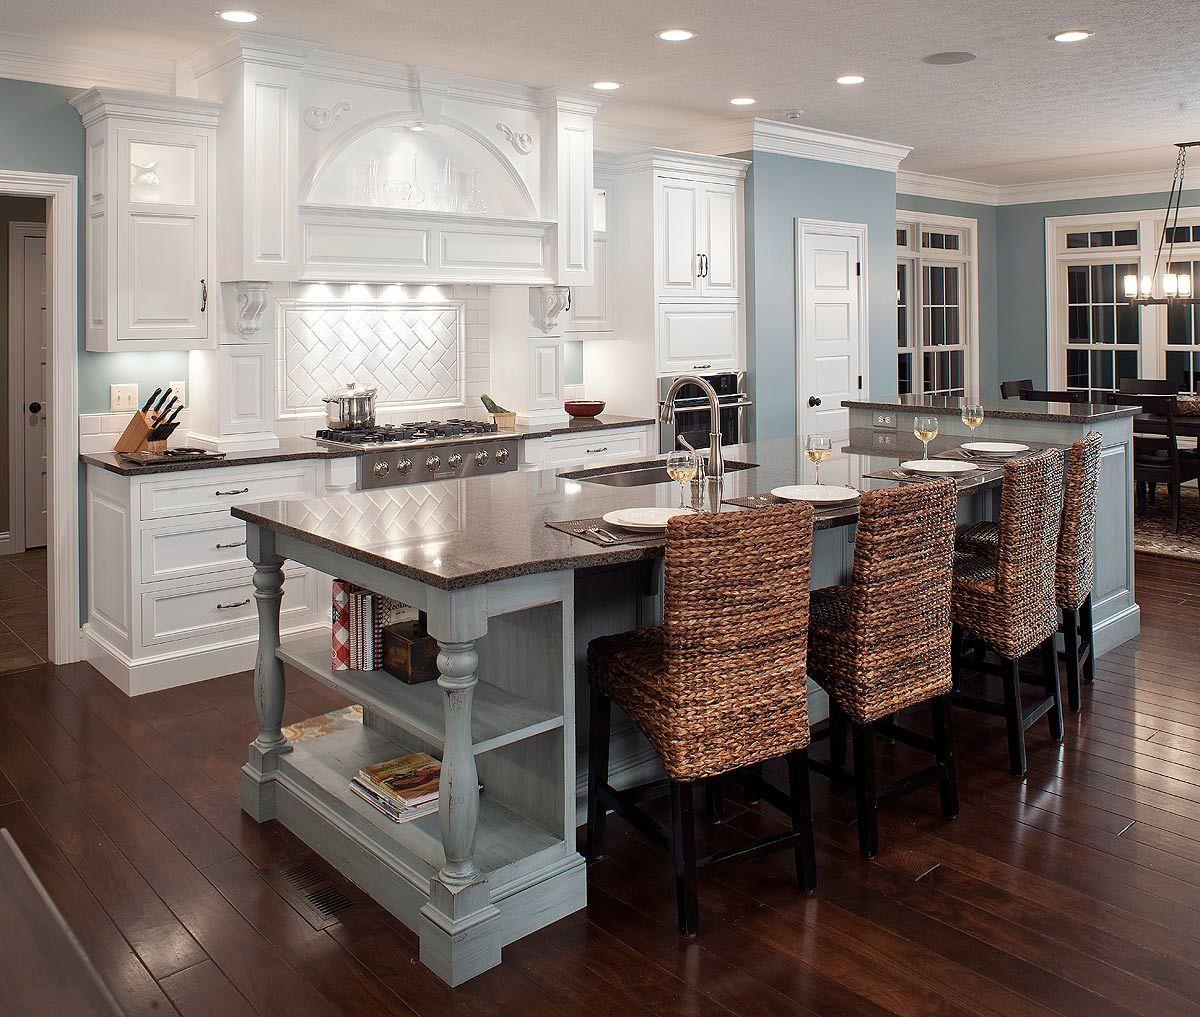 Küche Esszimmer Stühle | Stühle modern | Pinterest | Küche esszimmer ...